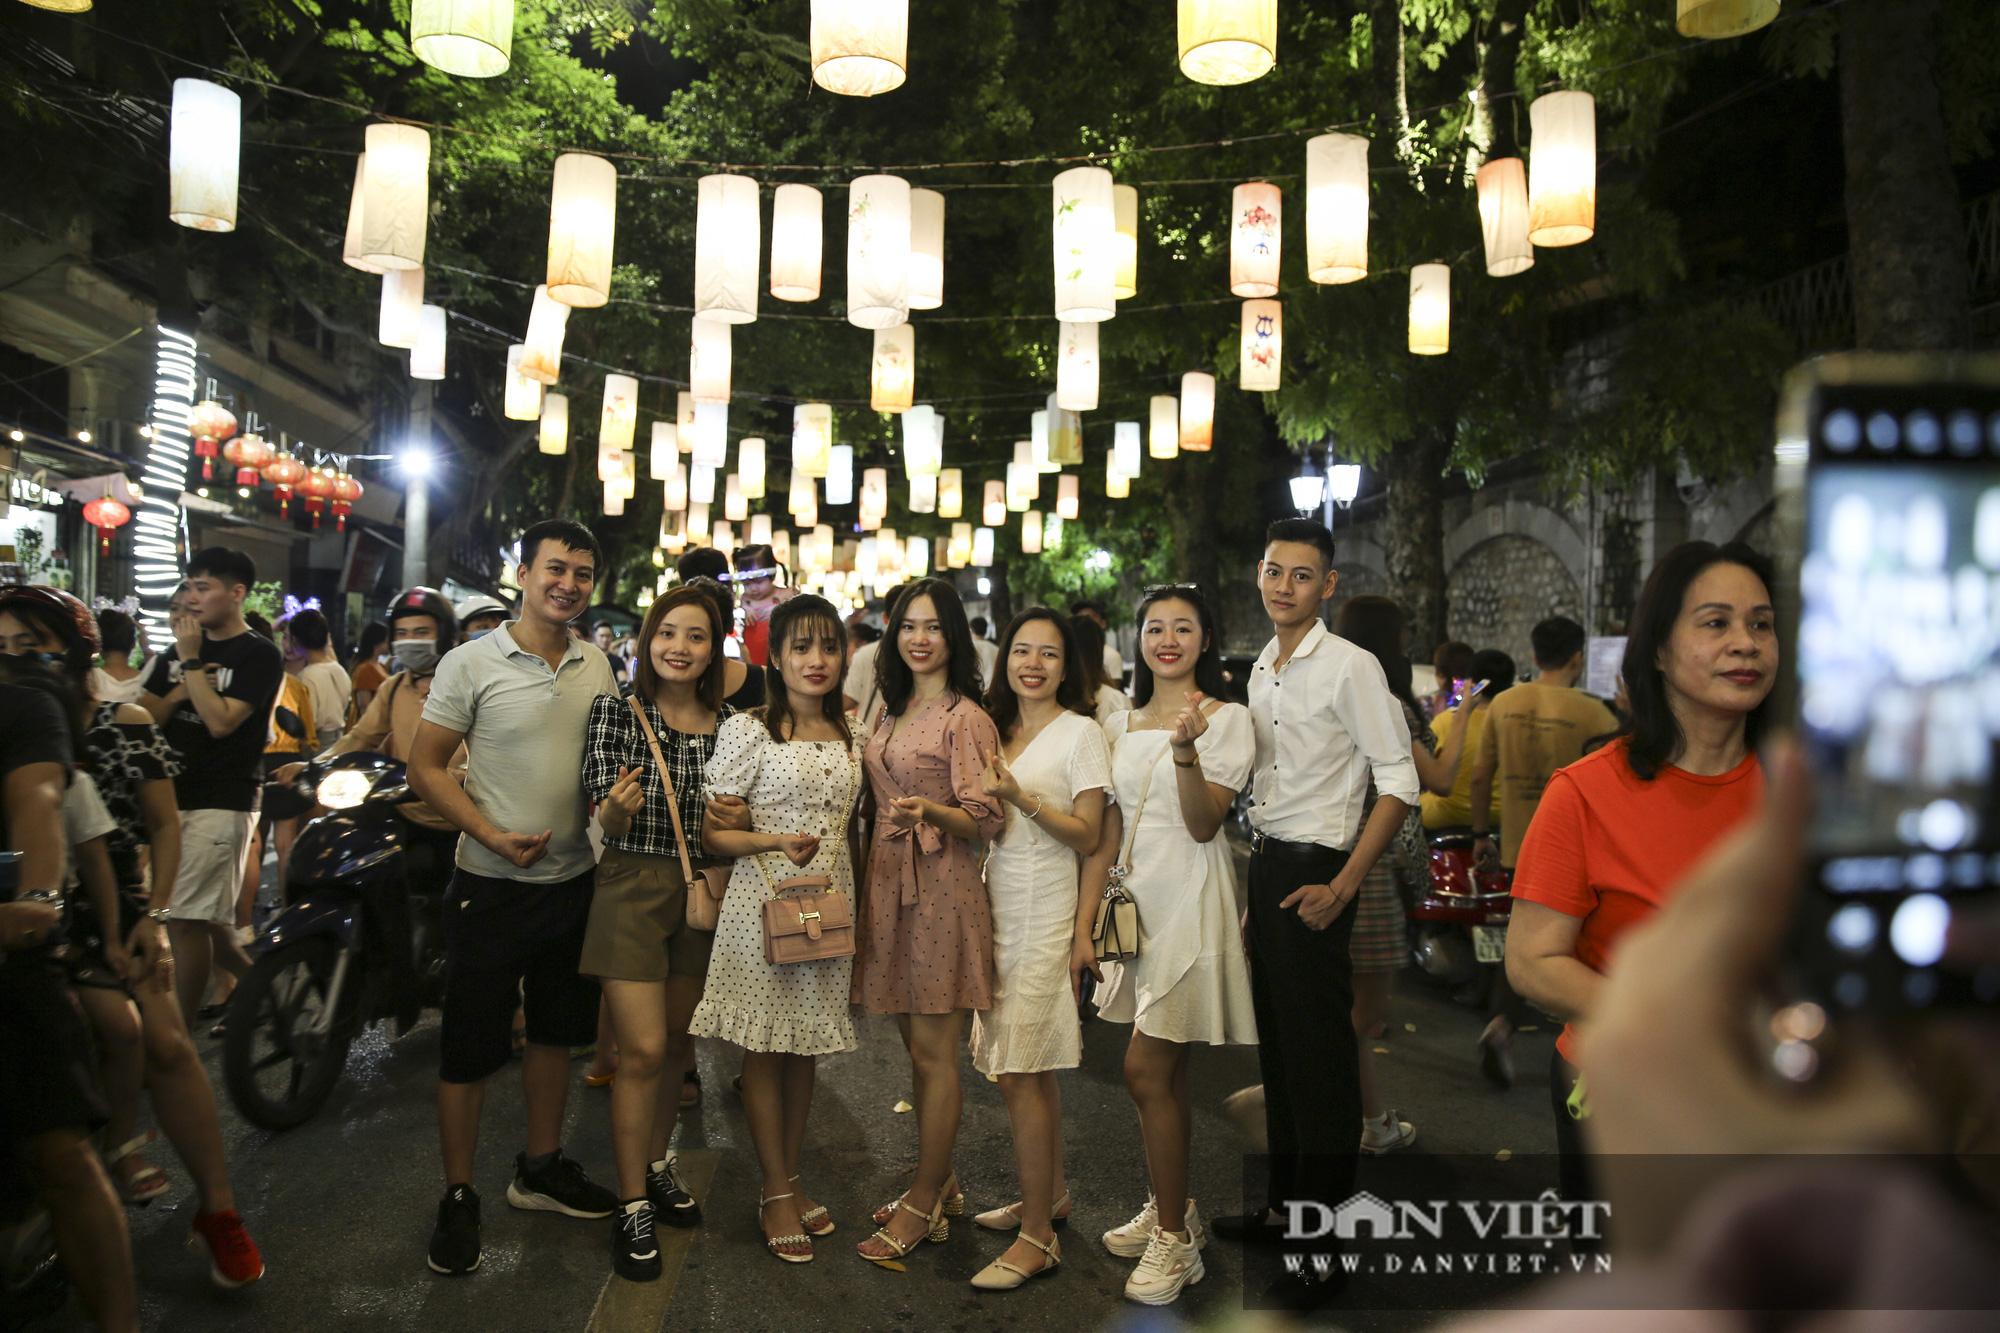 Hàng nghìn người đổ phố bích họa Phùng Hưng thưởng lãm đèn lồng - Ảnh 3.